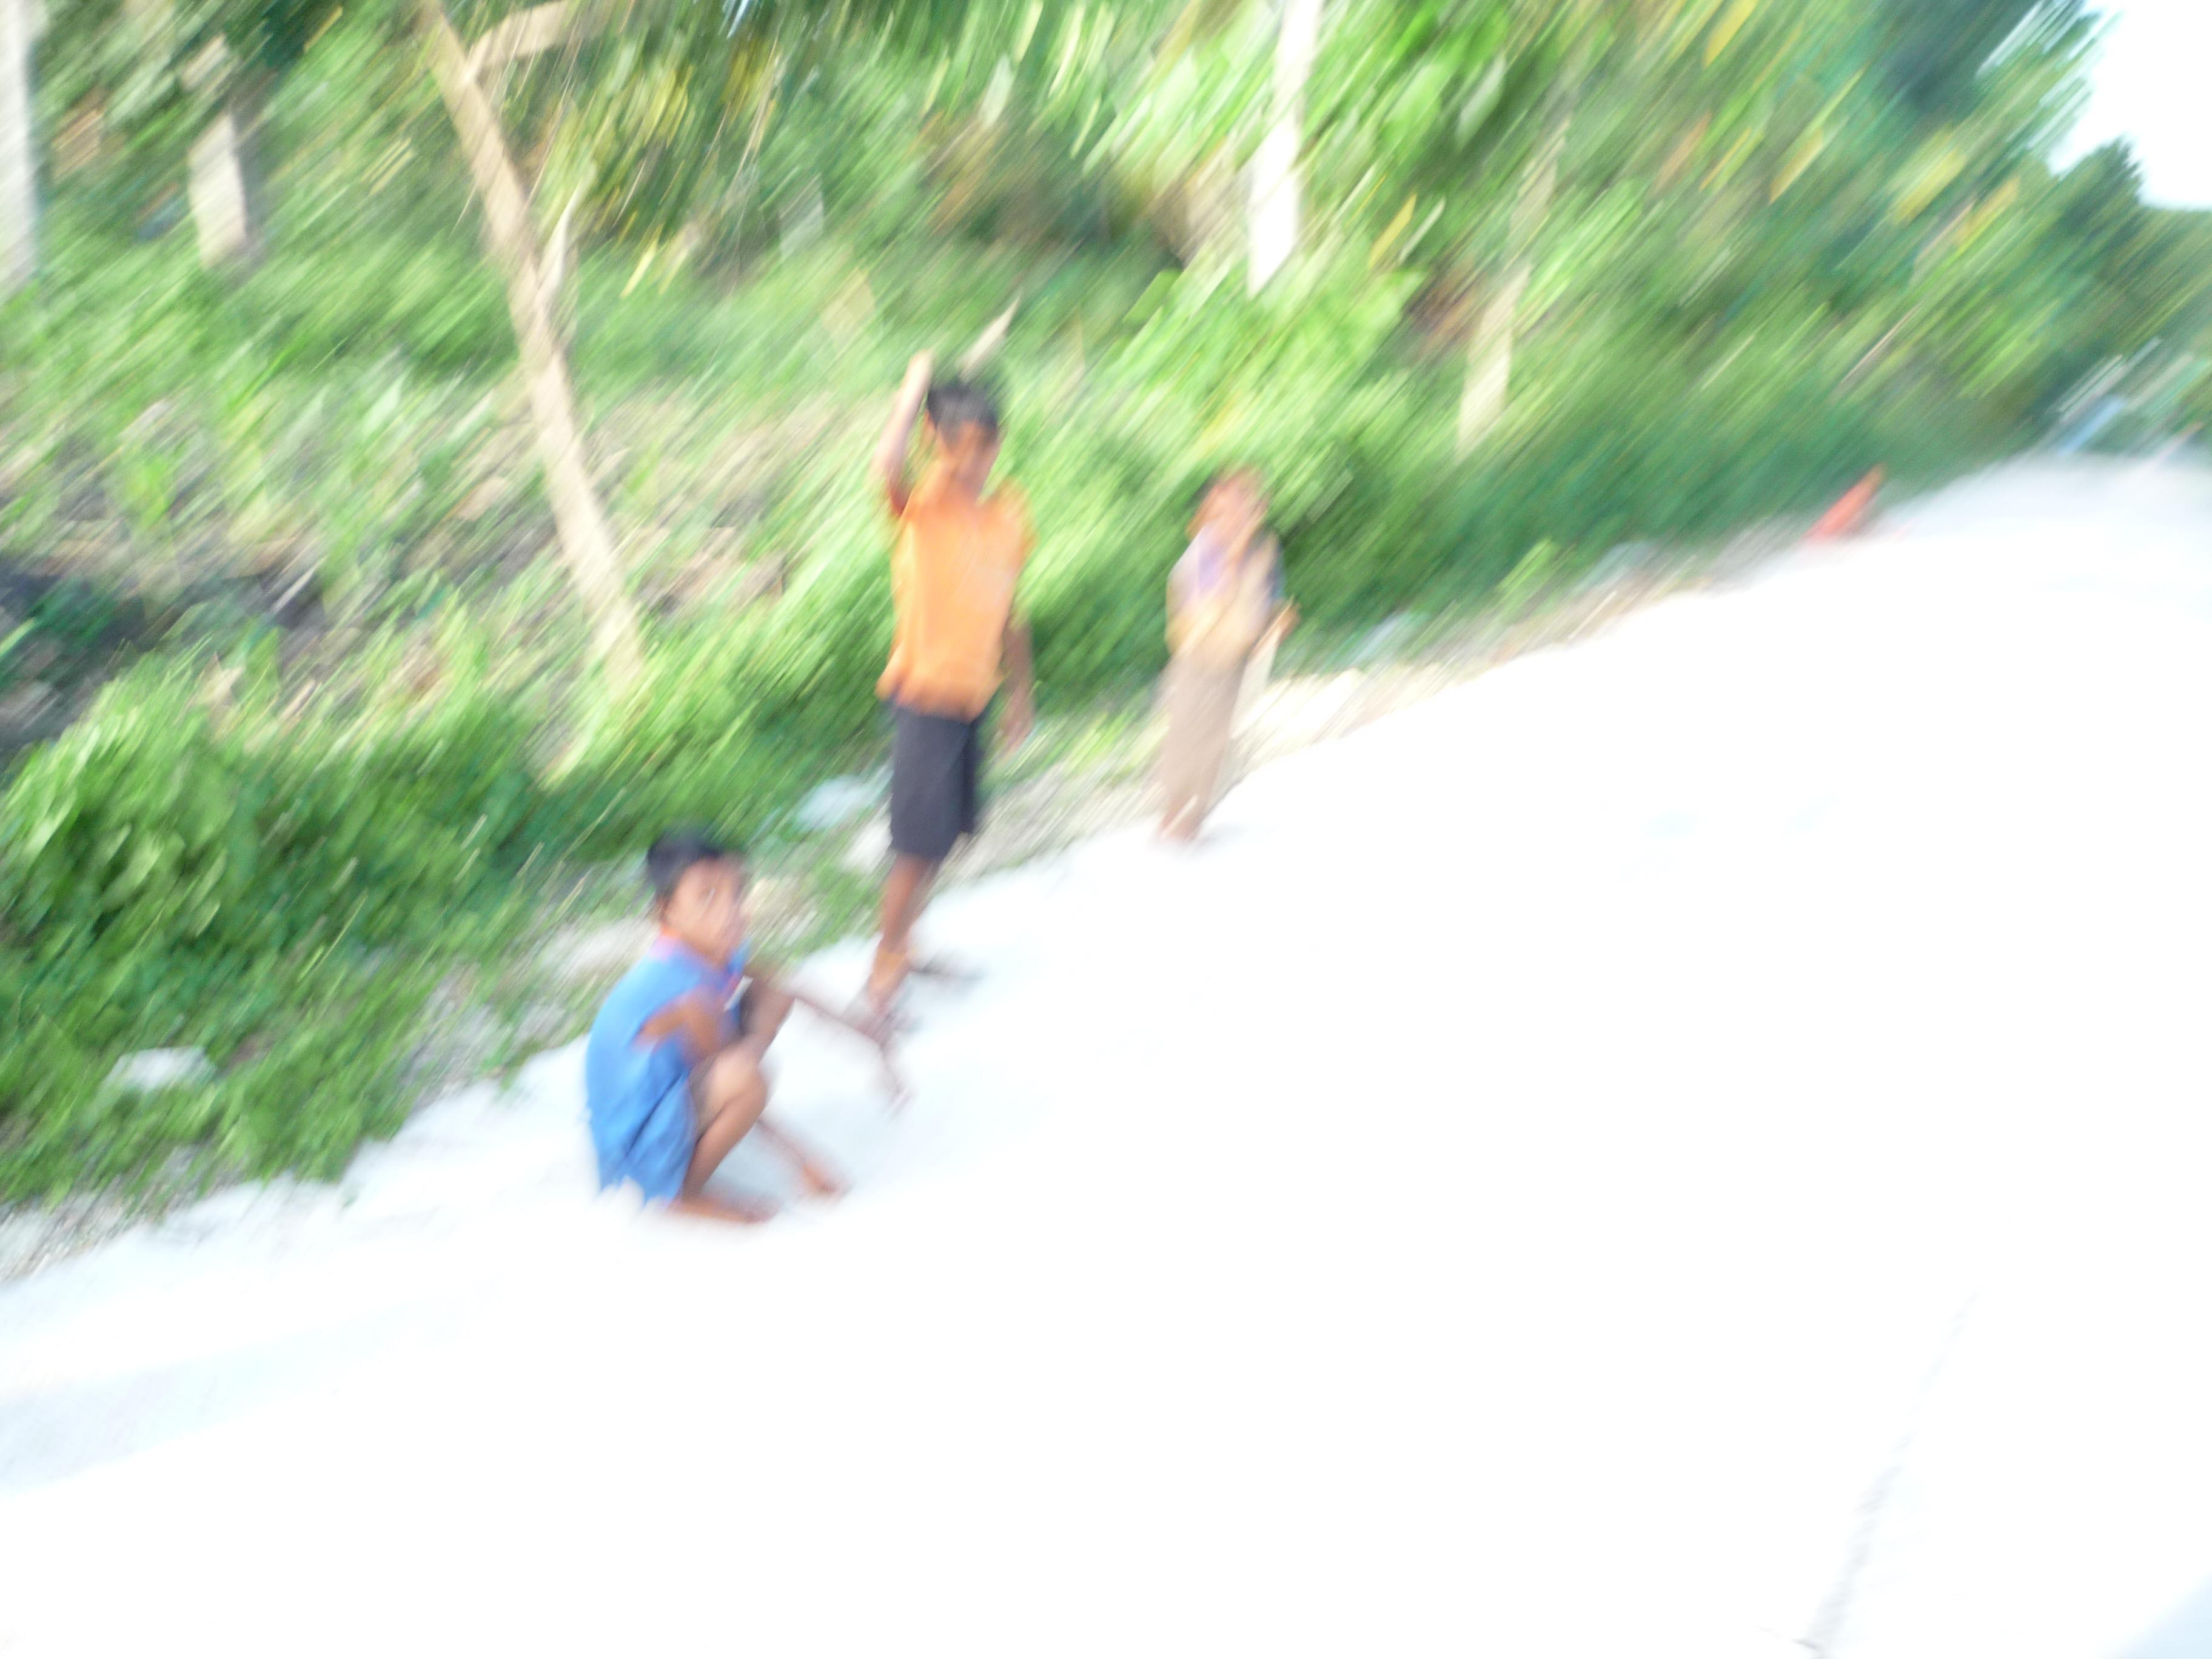 フィリピンで考える「児童労働禁止」②